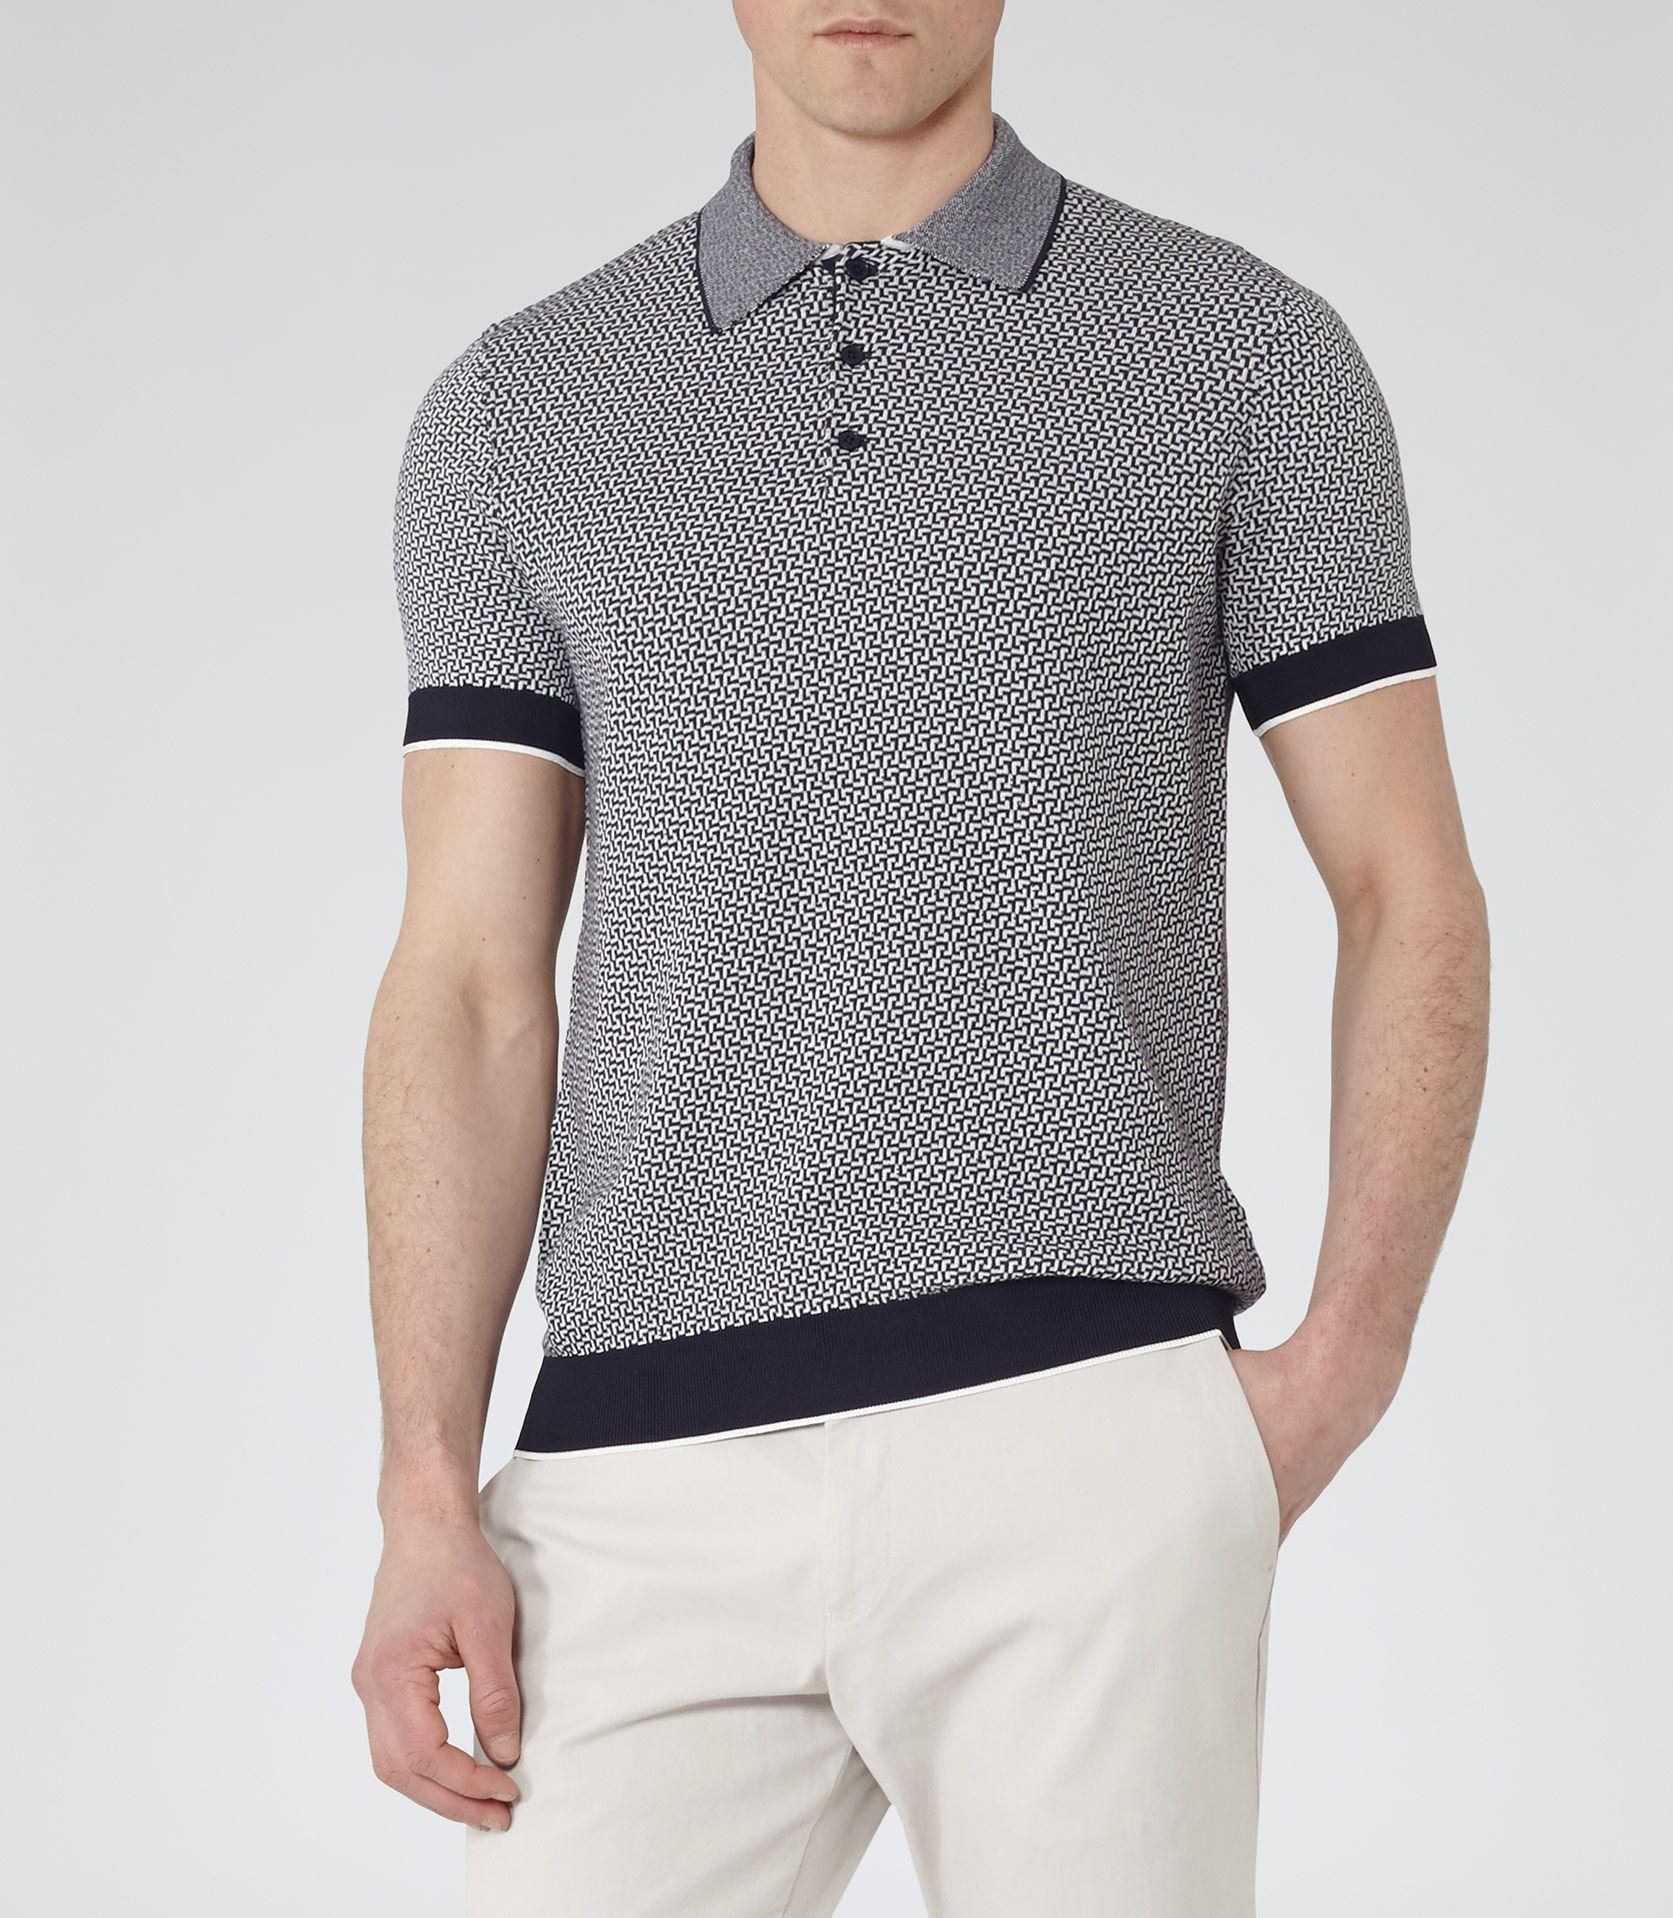 Mens Navy Geometric Knitted Polo Shirt - Reiss Folio